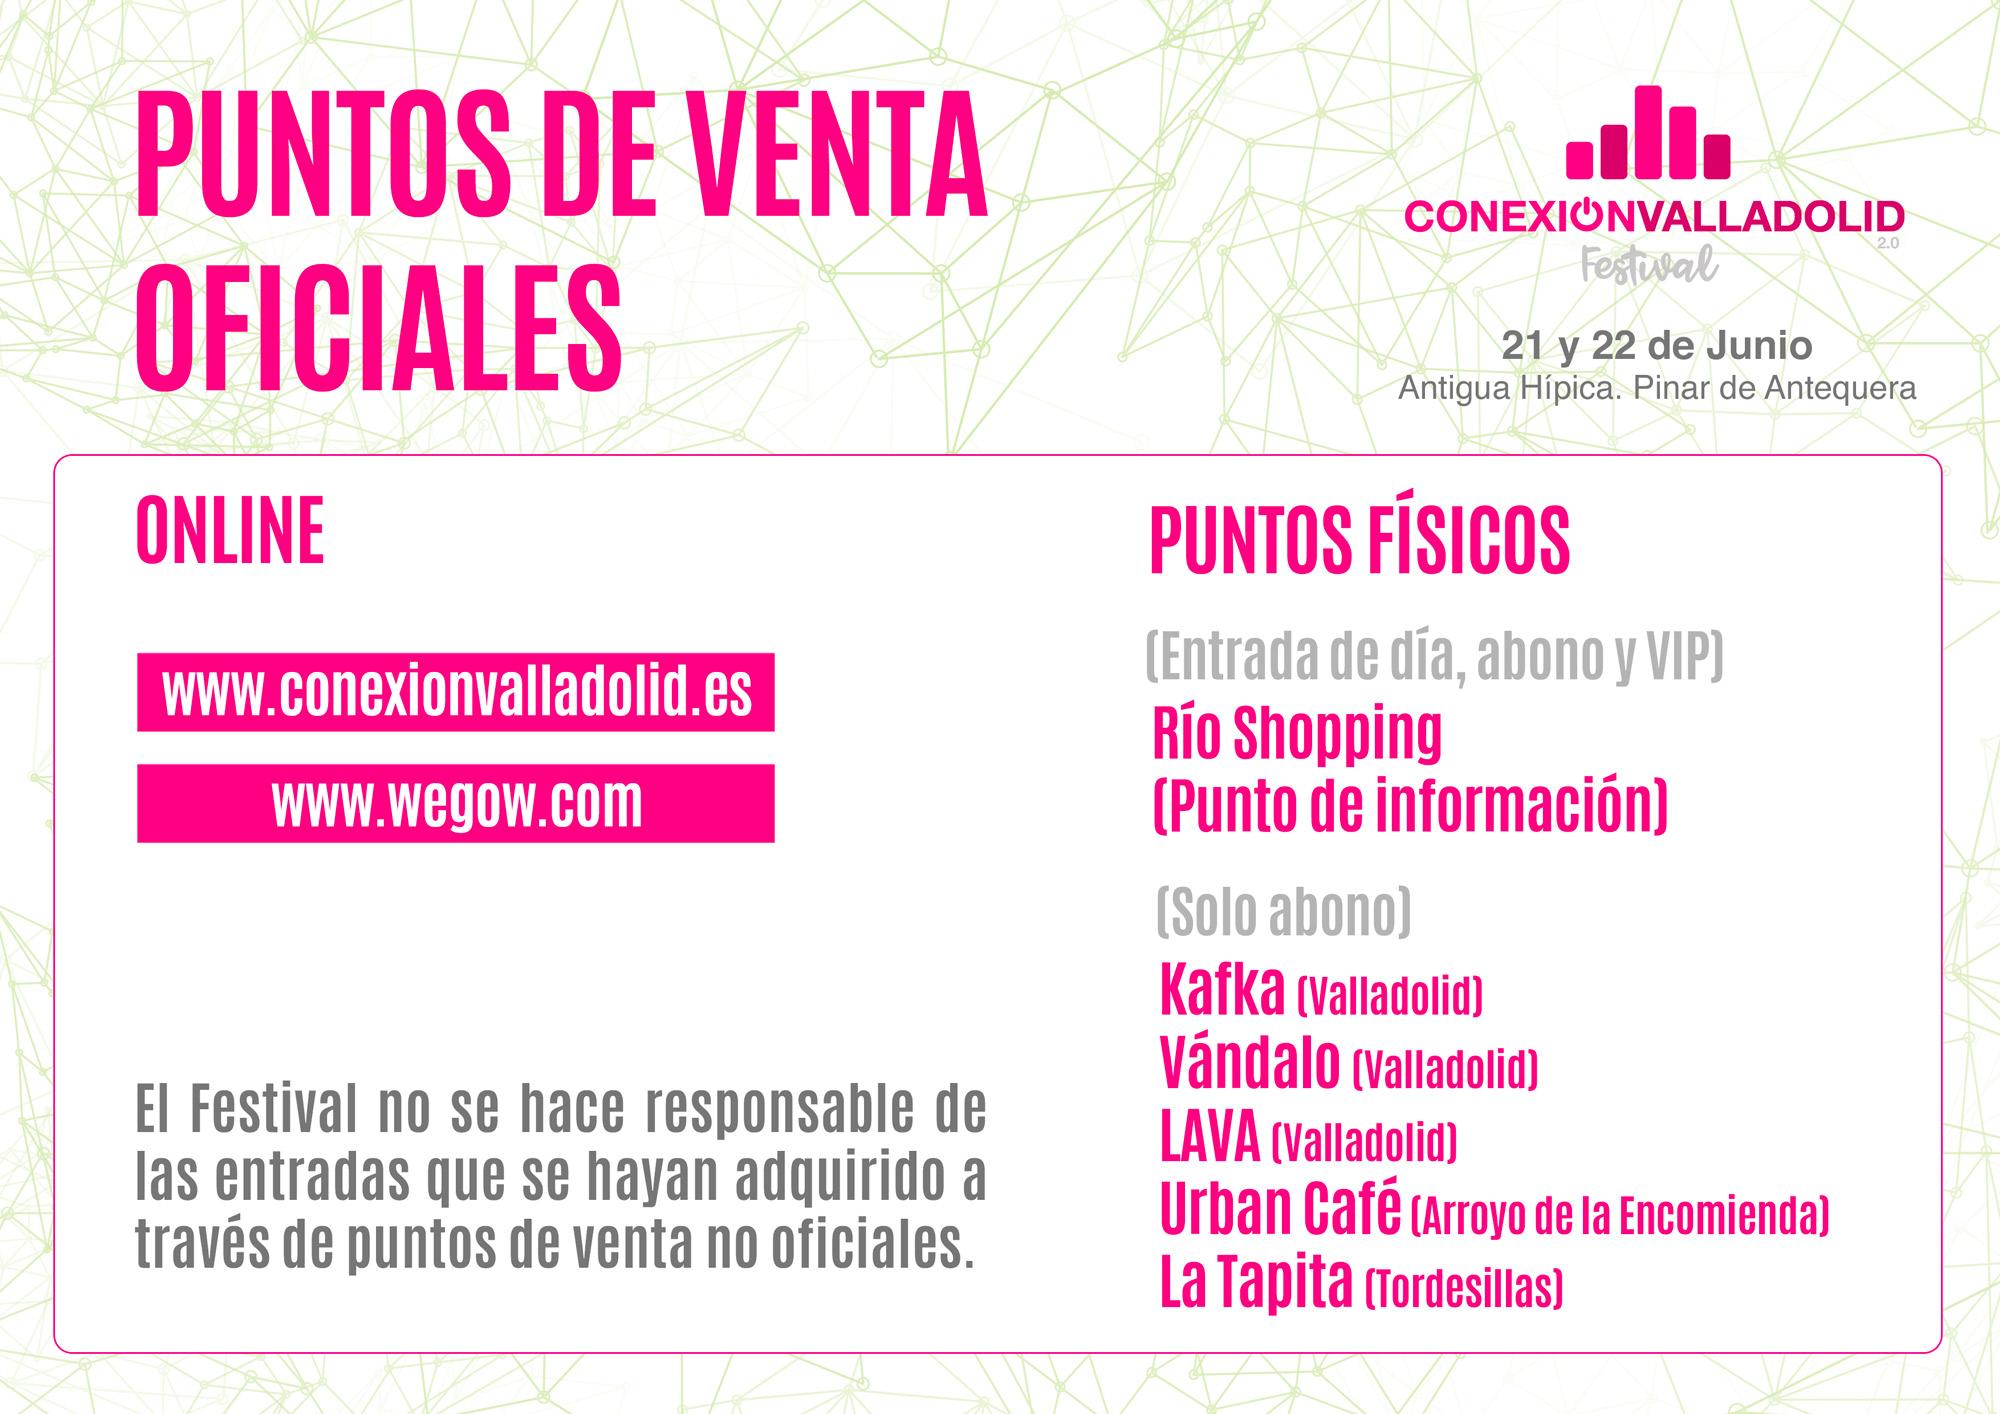 Puntos de venta físicos oficiales para Conexión Valladolid Festival 2019